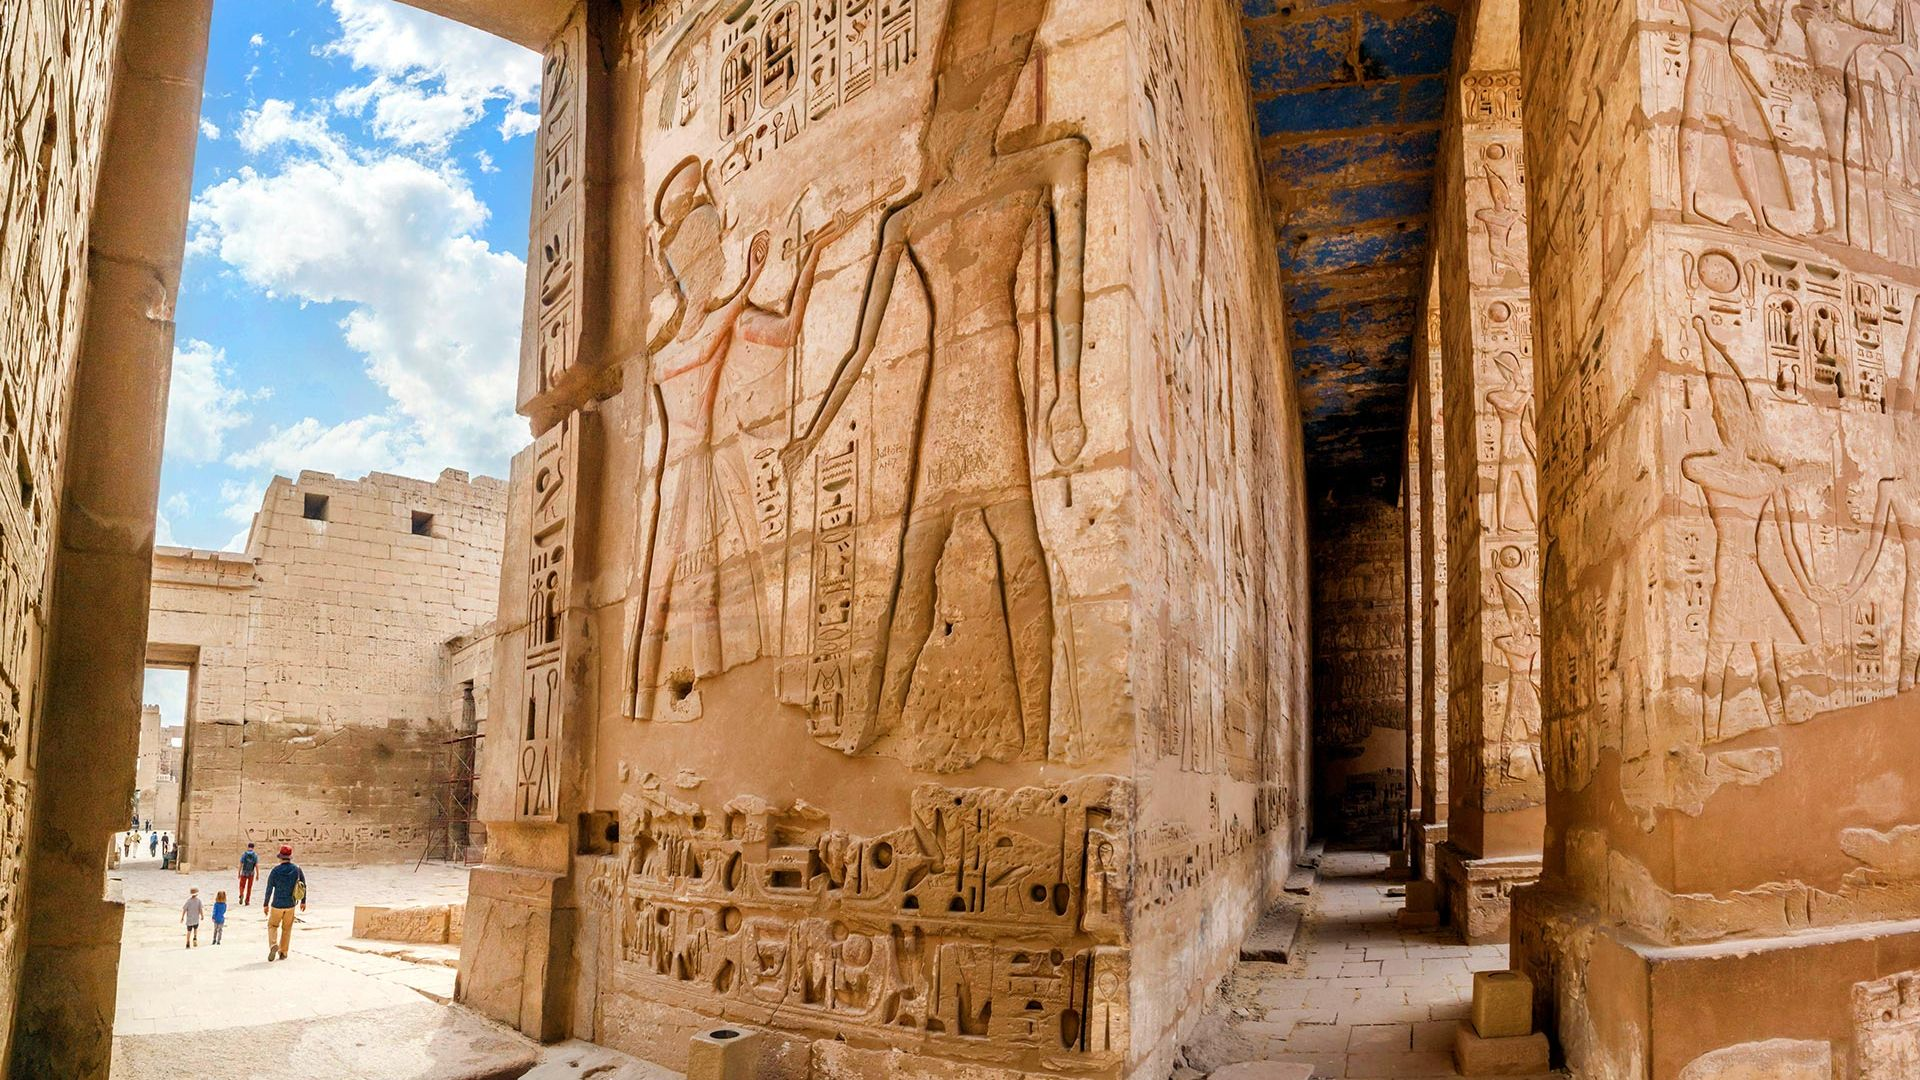 Circuit de grup - Essential Egipt, 8 zile - septembrie 2021